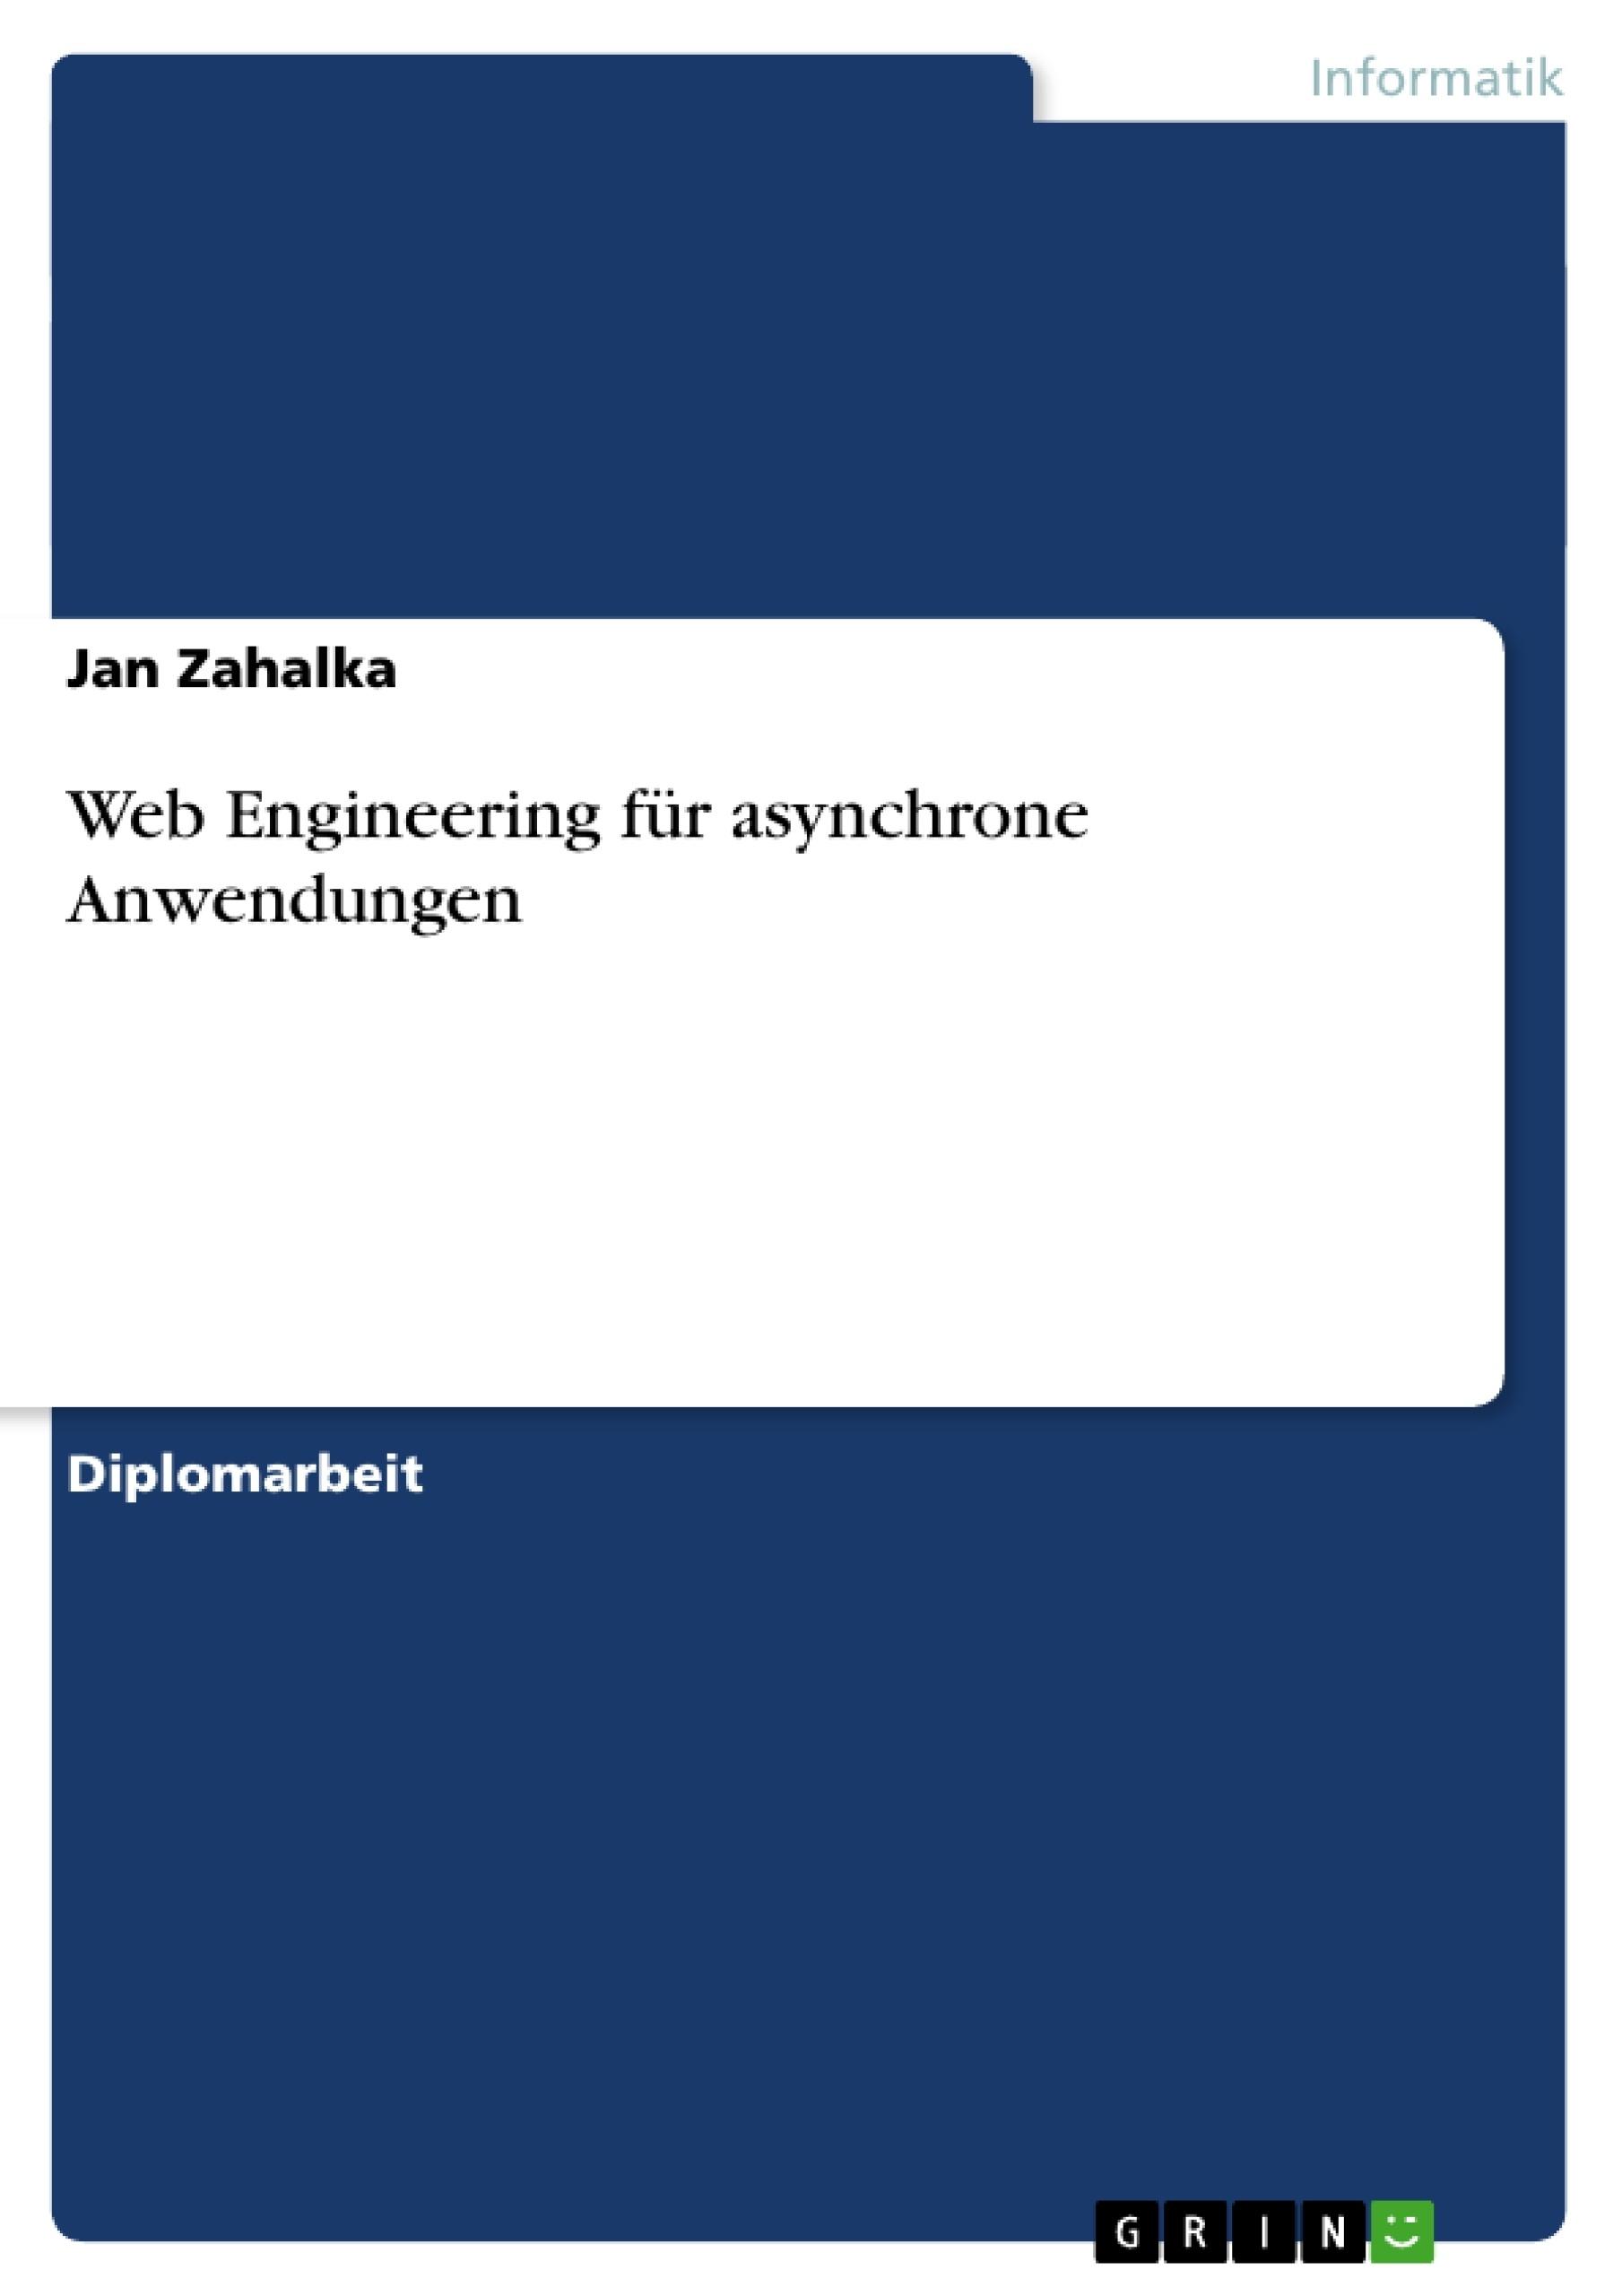 Titel: Web Engineering für asynchrone Anwendungen